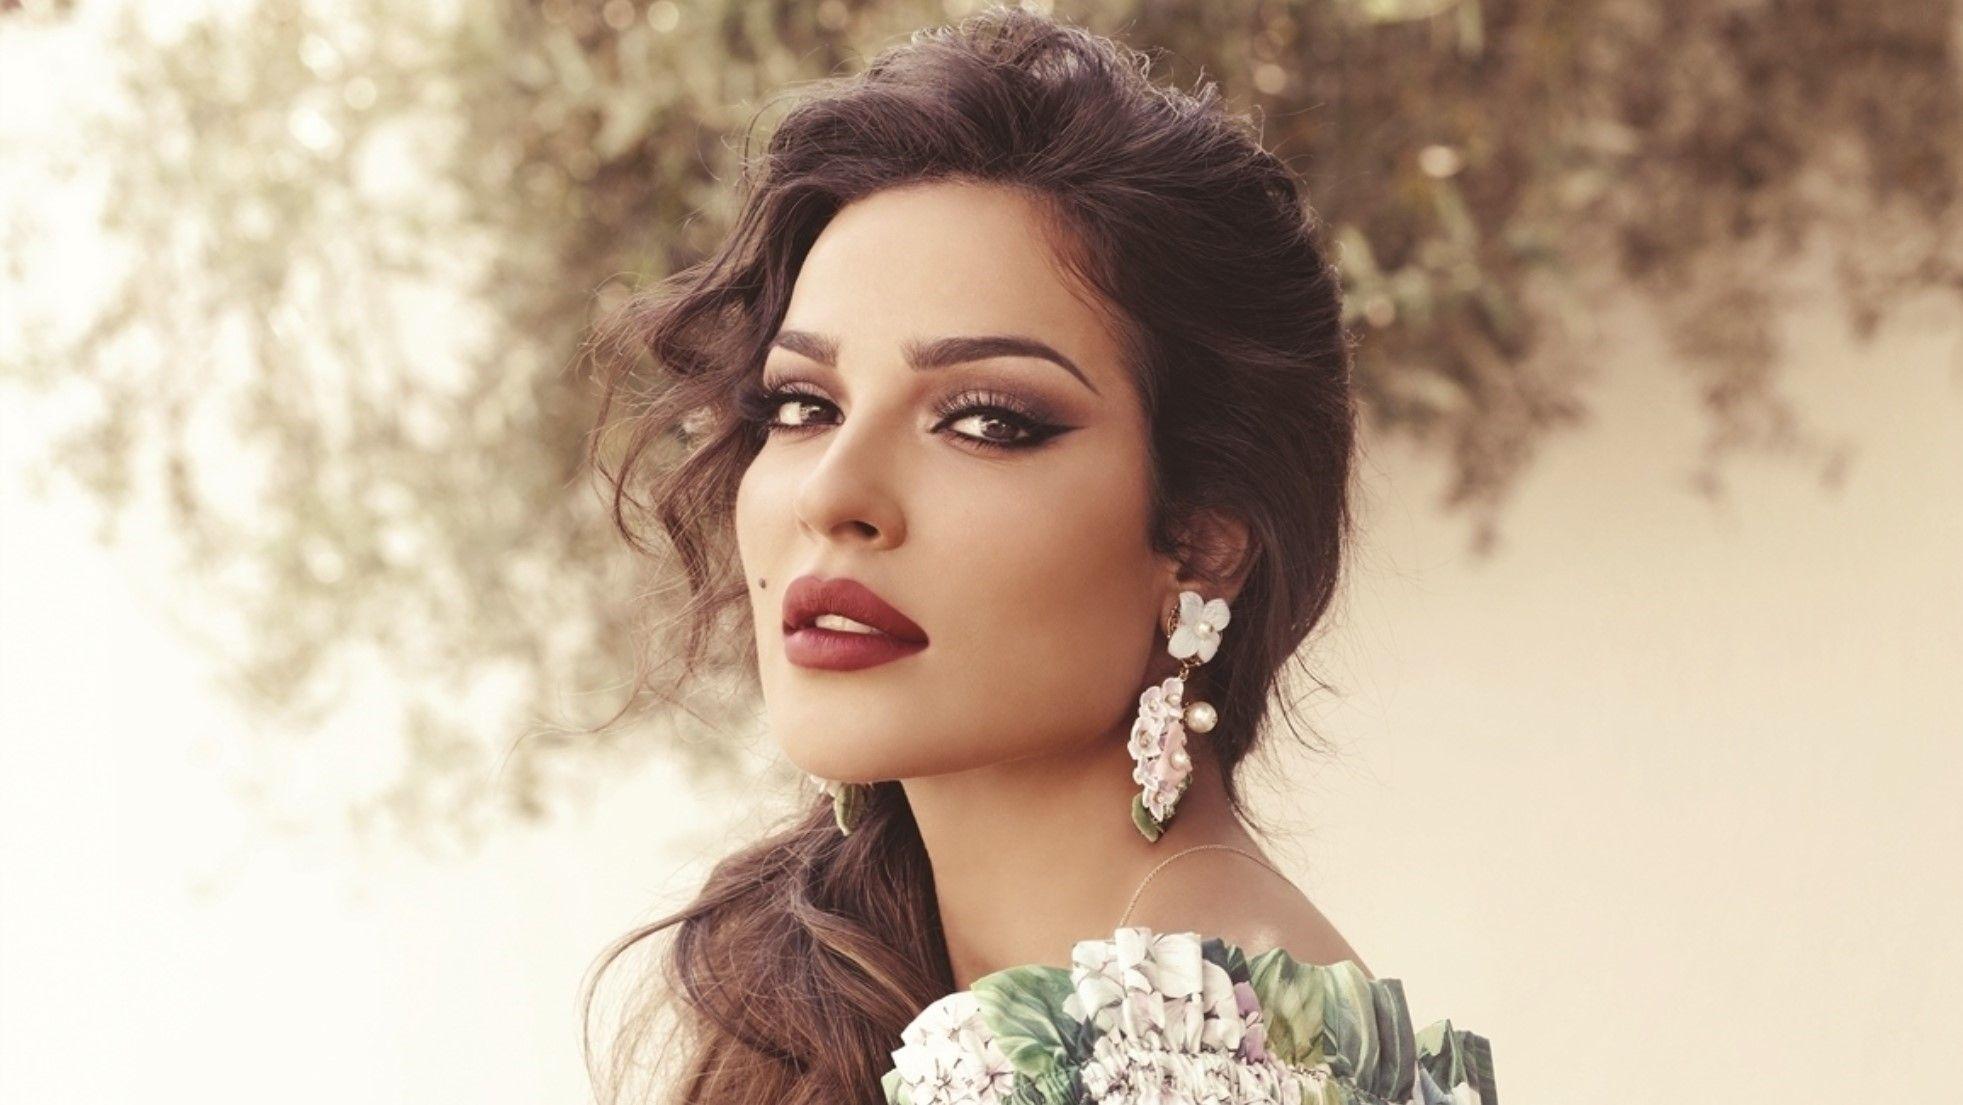 هذا هو الوضع الصحي لـ نادين نسيب نجيم بعد حادثة انفجار بيروت Fashion Pearls Jewelry